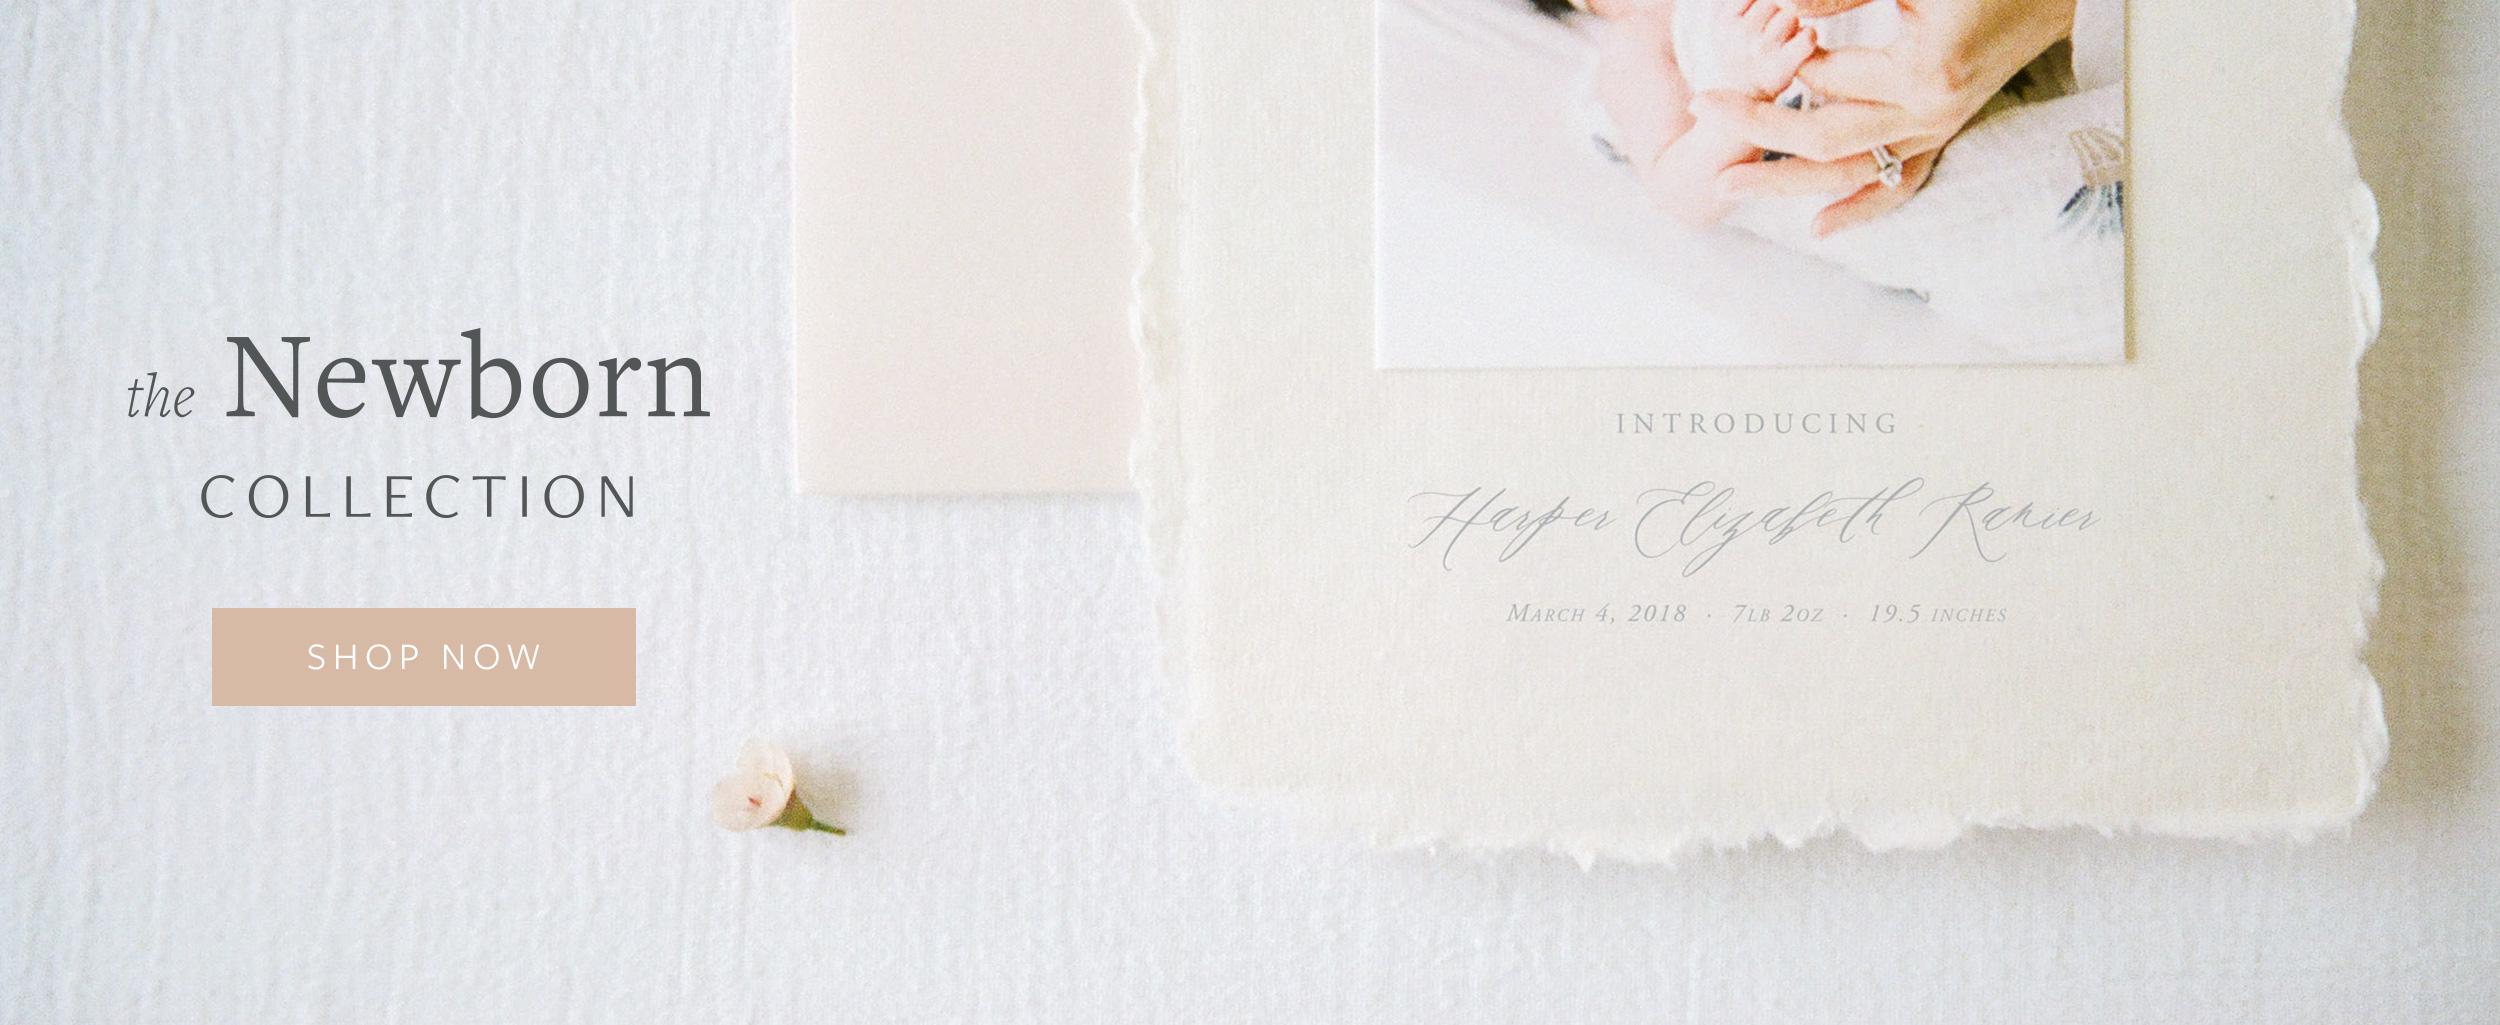 coeo-print-company-newborn-shop-header.jpg